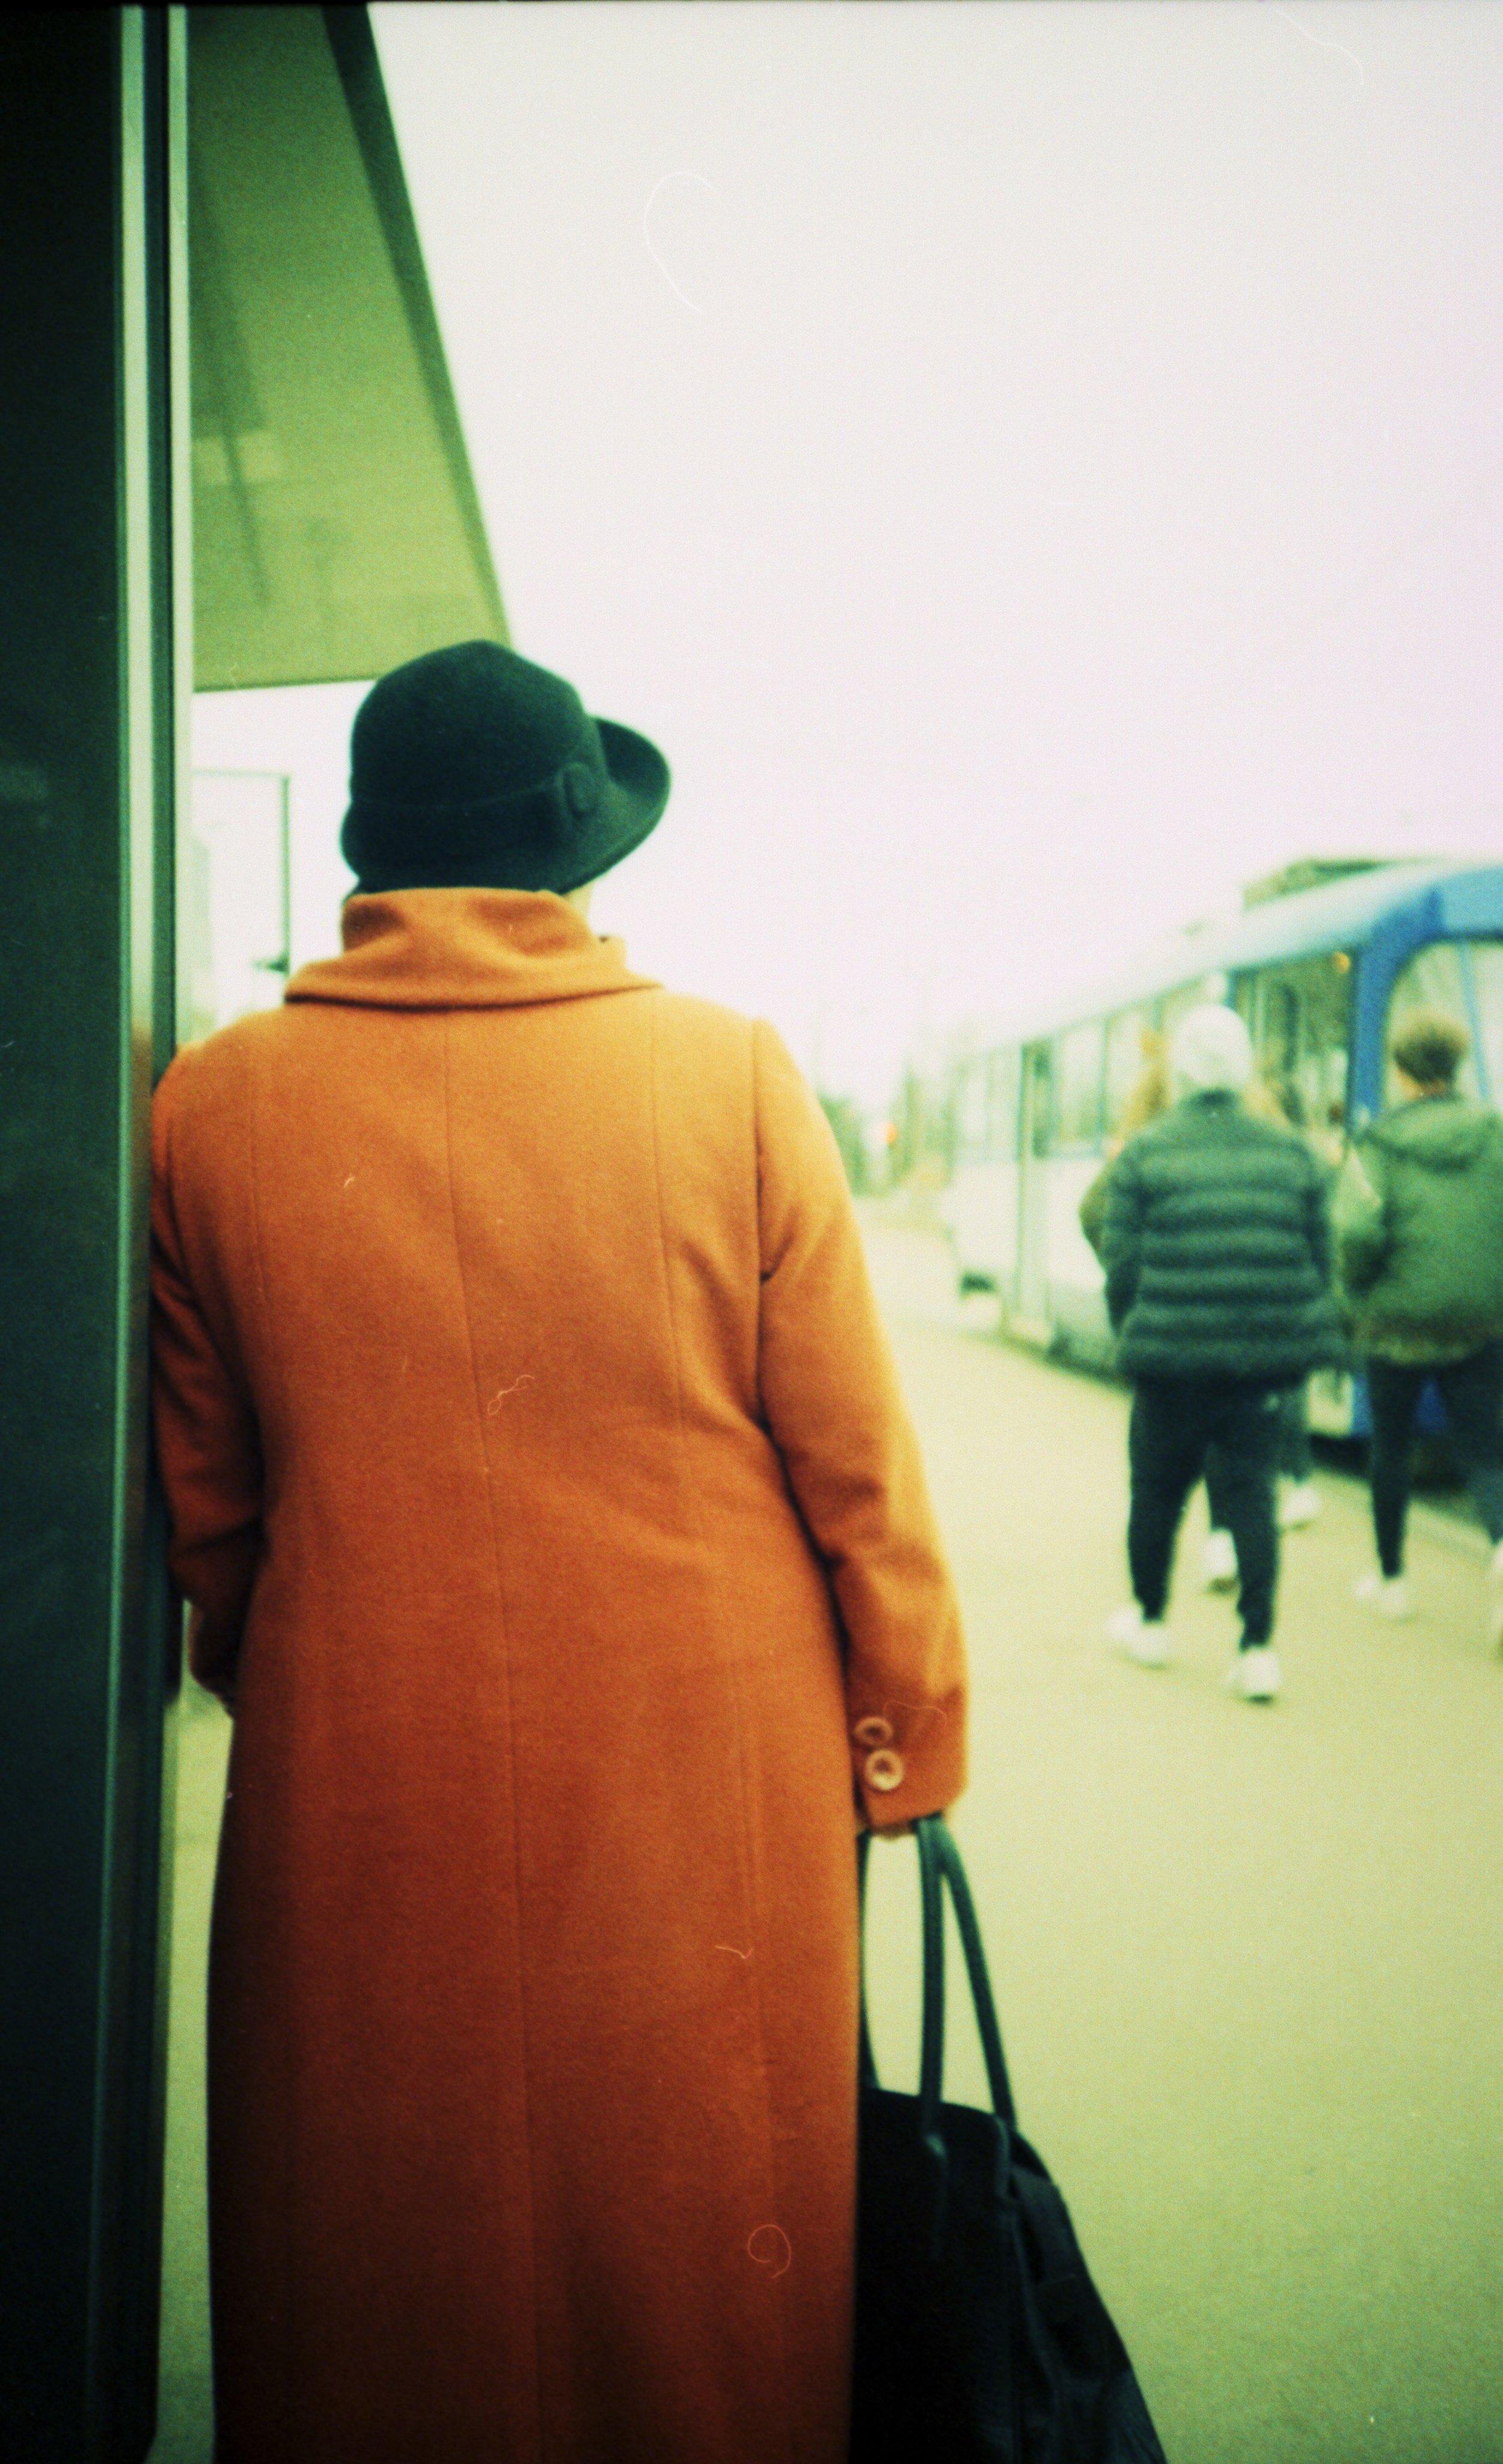 Lady in Orange | Lomo LCA | Velvia 50 in C41 | Patrice Baunov